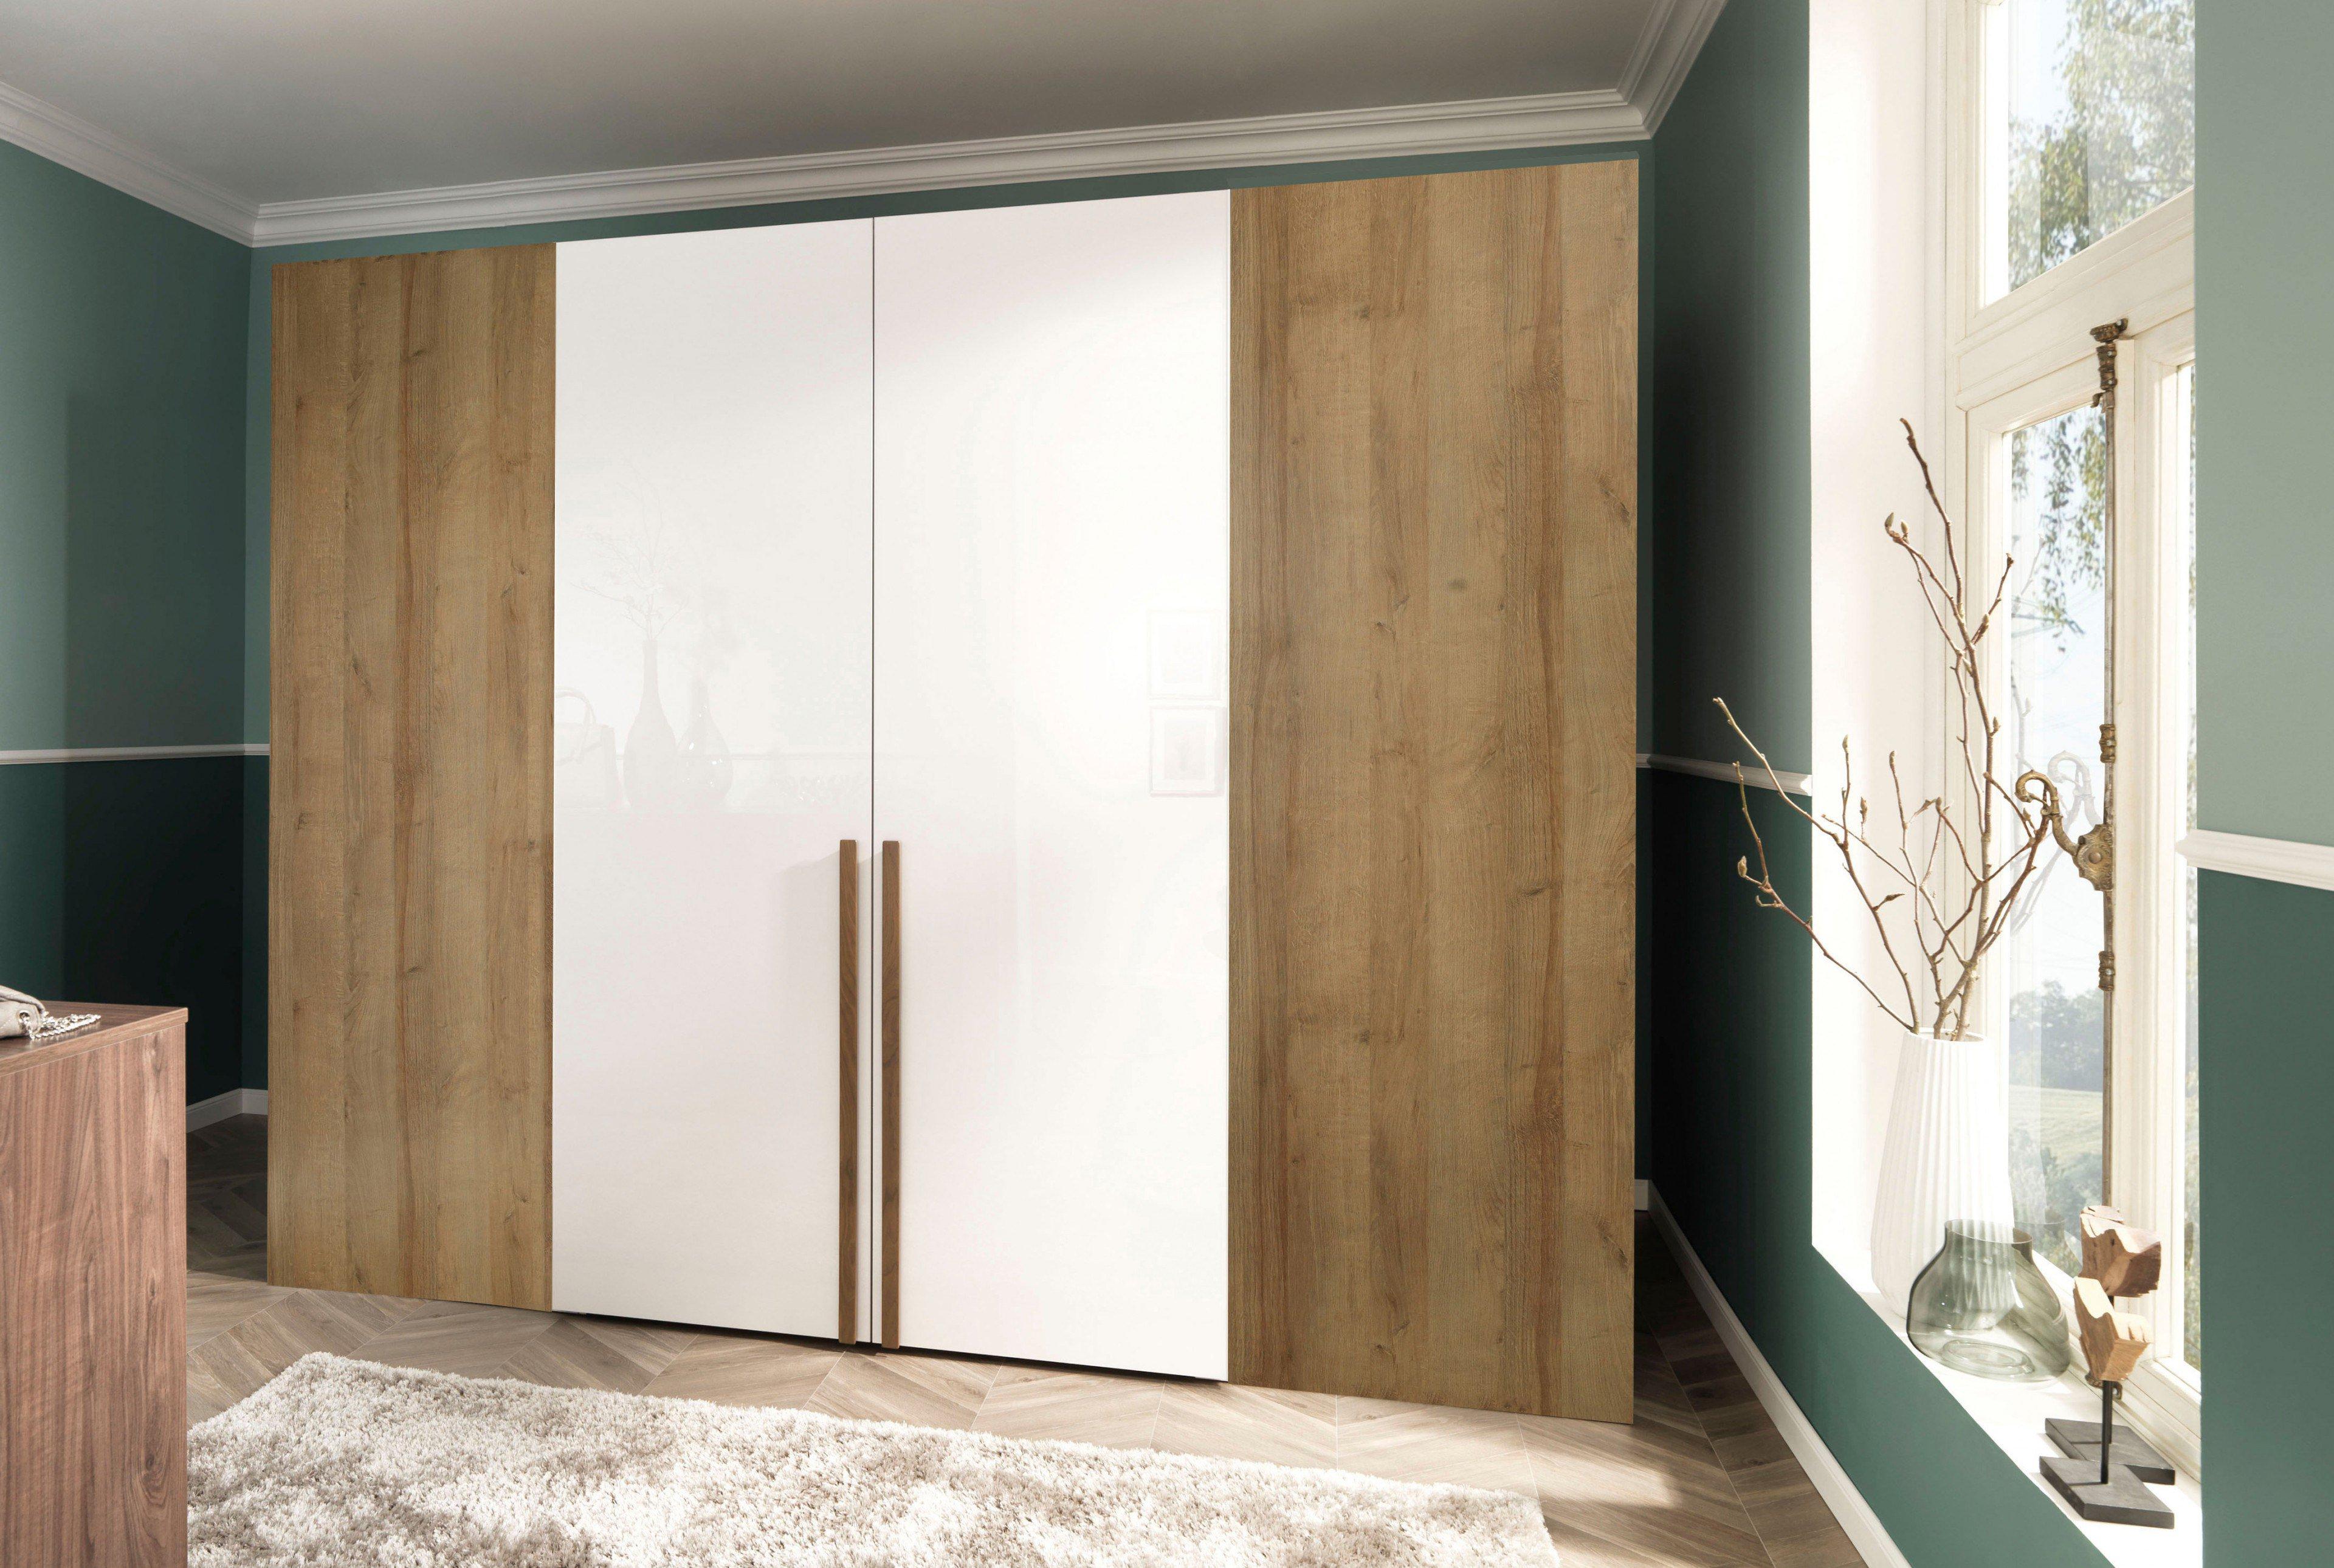 welle kleiderschrank begehbar wei riviera eiche m bel letz ihr online shop. Black Bedroom Furniture Sets. Home Design Ideas